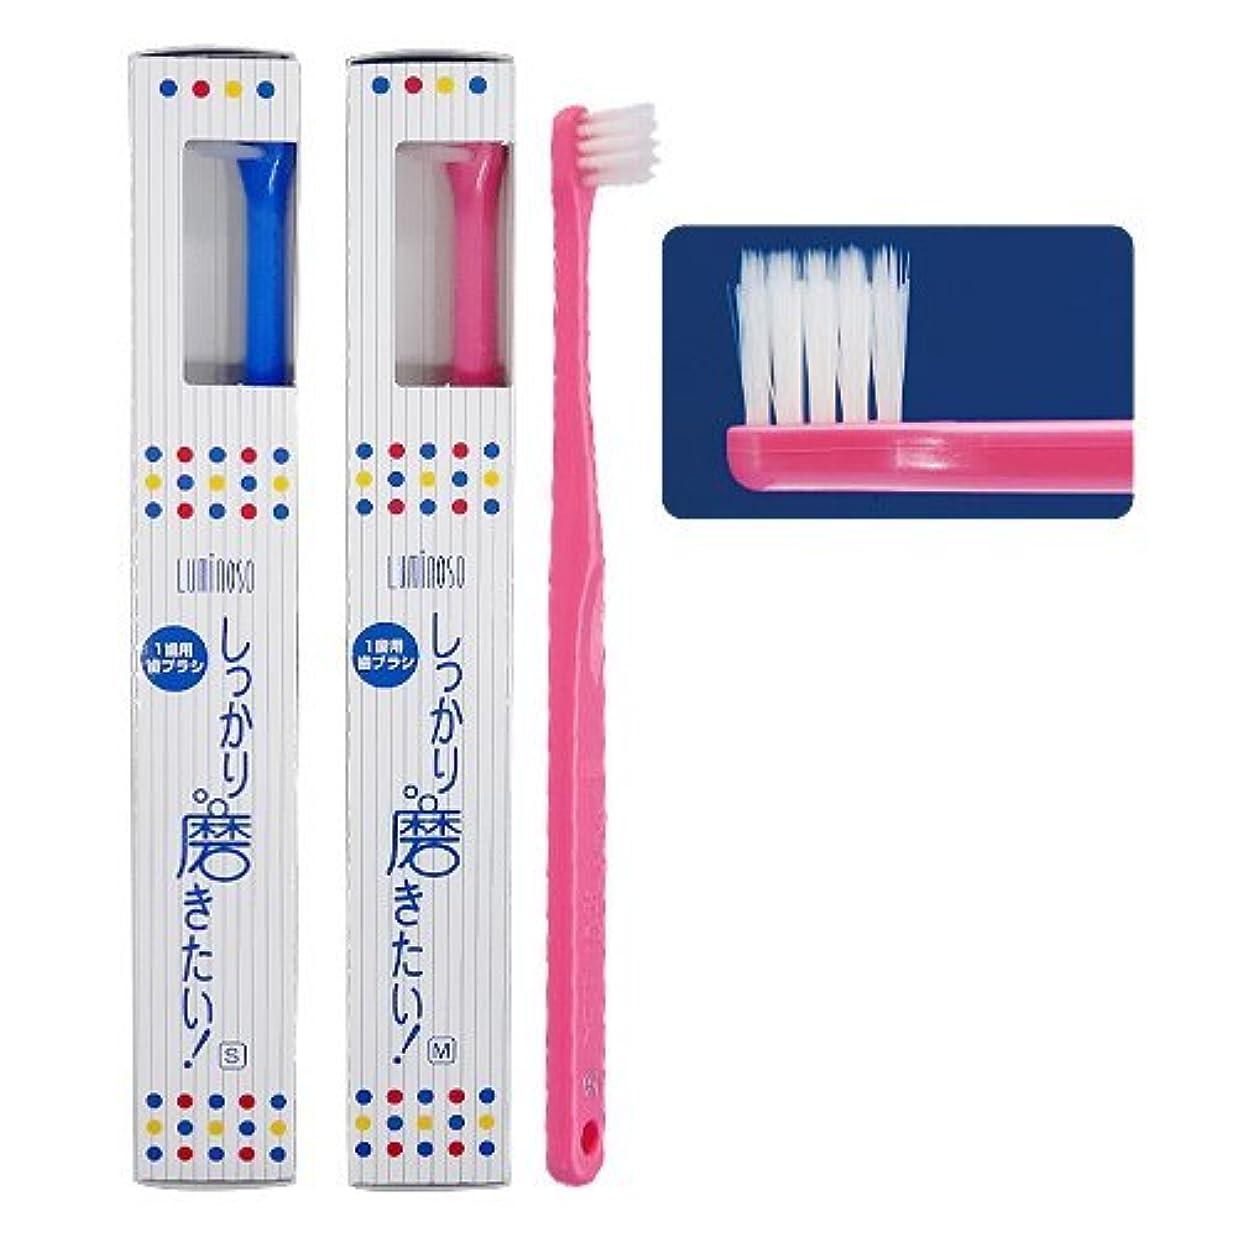 ルミノソ 1歯用歯ブラシ「しっかり磨きたい!」スタンダード ソフト (カラー指定不可) 3本